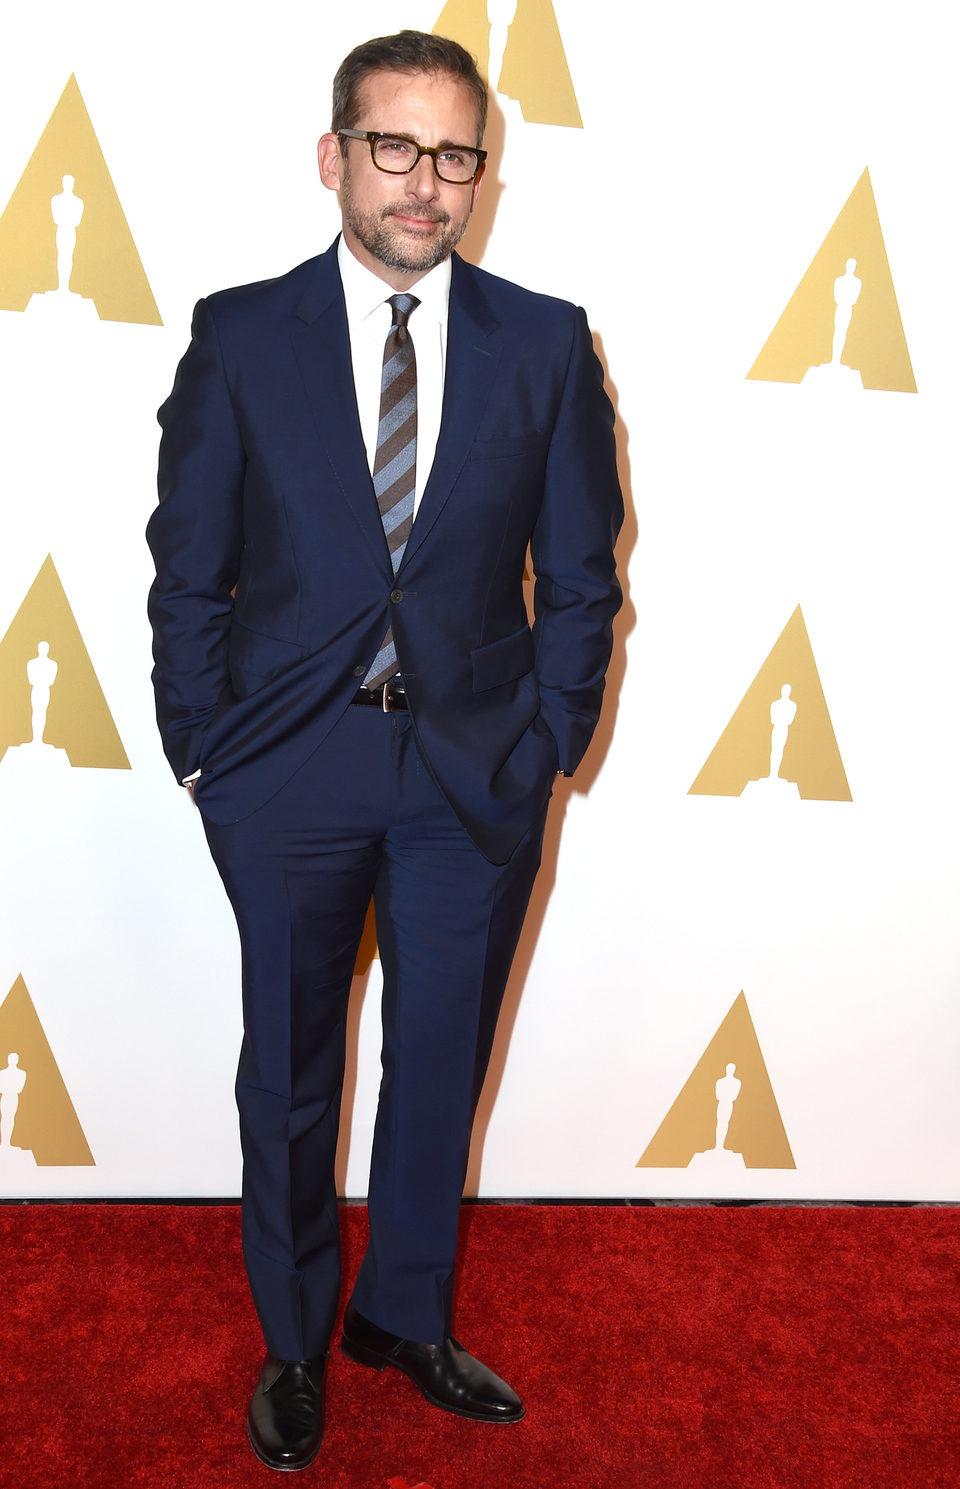 Steve Carell en el almuerzo de los nominados a los Oscar 2015